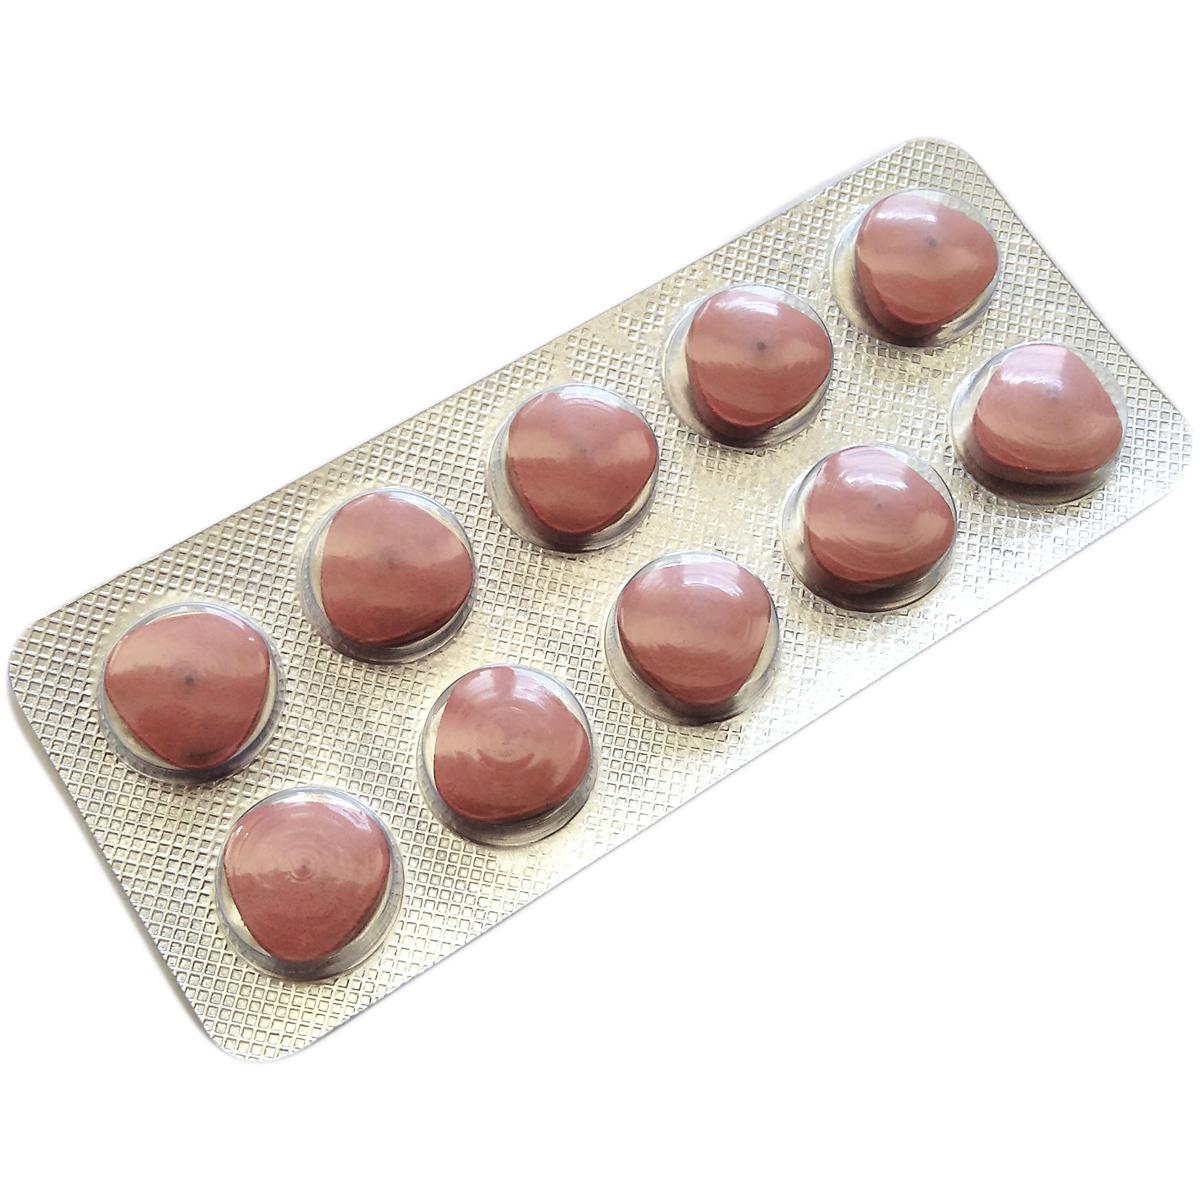 Варденафил (vardenafil): цена в аптеках, показания и инструкция по применению